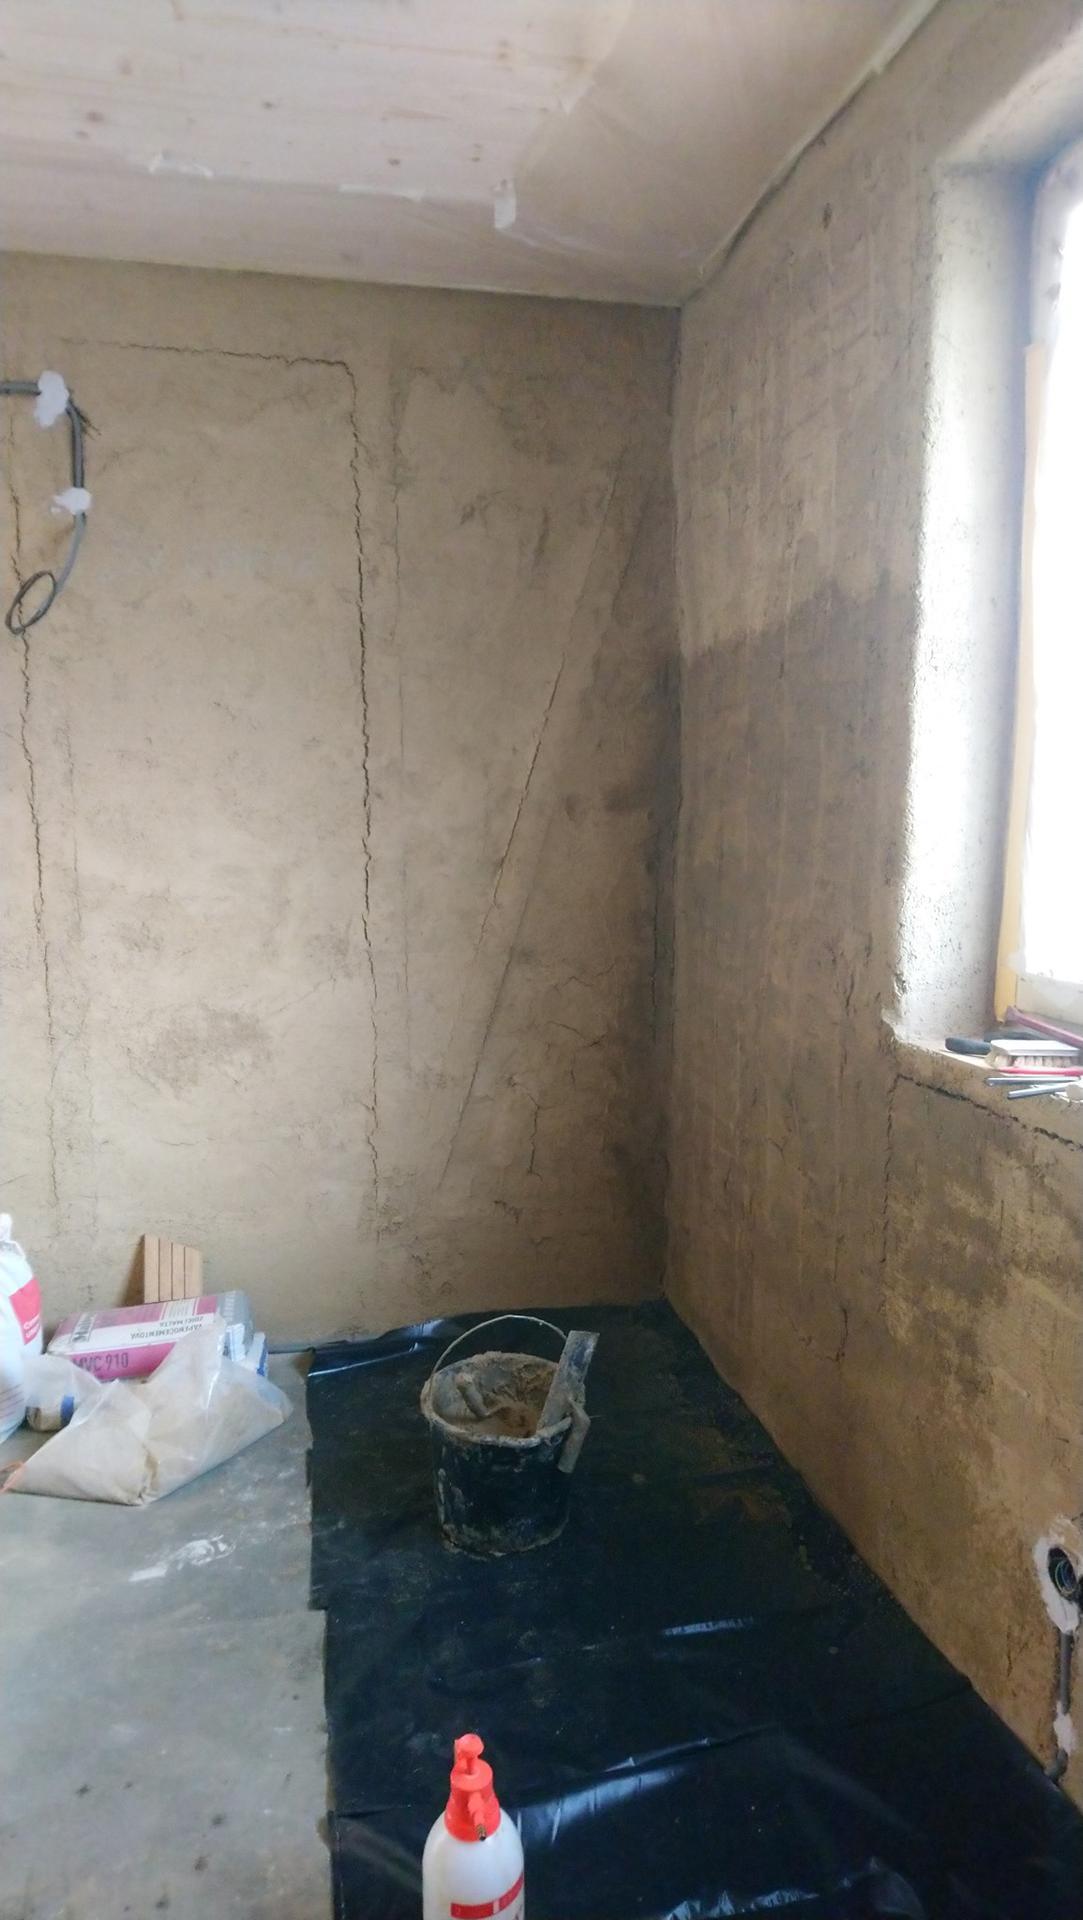 Hlinené omietky - Slamák. Dosiahnuť rovnú stenu na krivých slamenných balíkoch chce riadnu dávku hliny (a omietniky, tie tu ale použité neboli). Na slamu ide hlinená kaša, na to jedna, dve vrstvy hrubej omietky